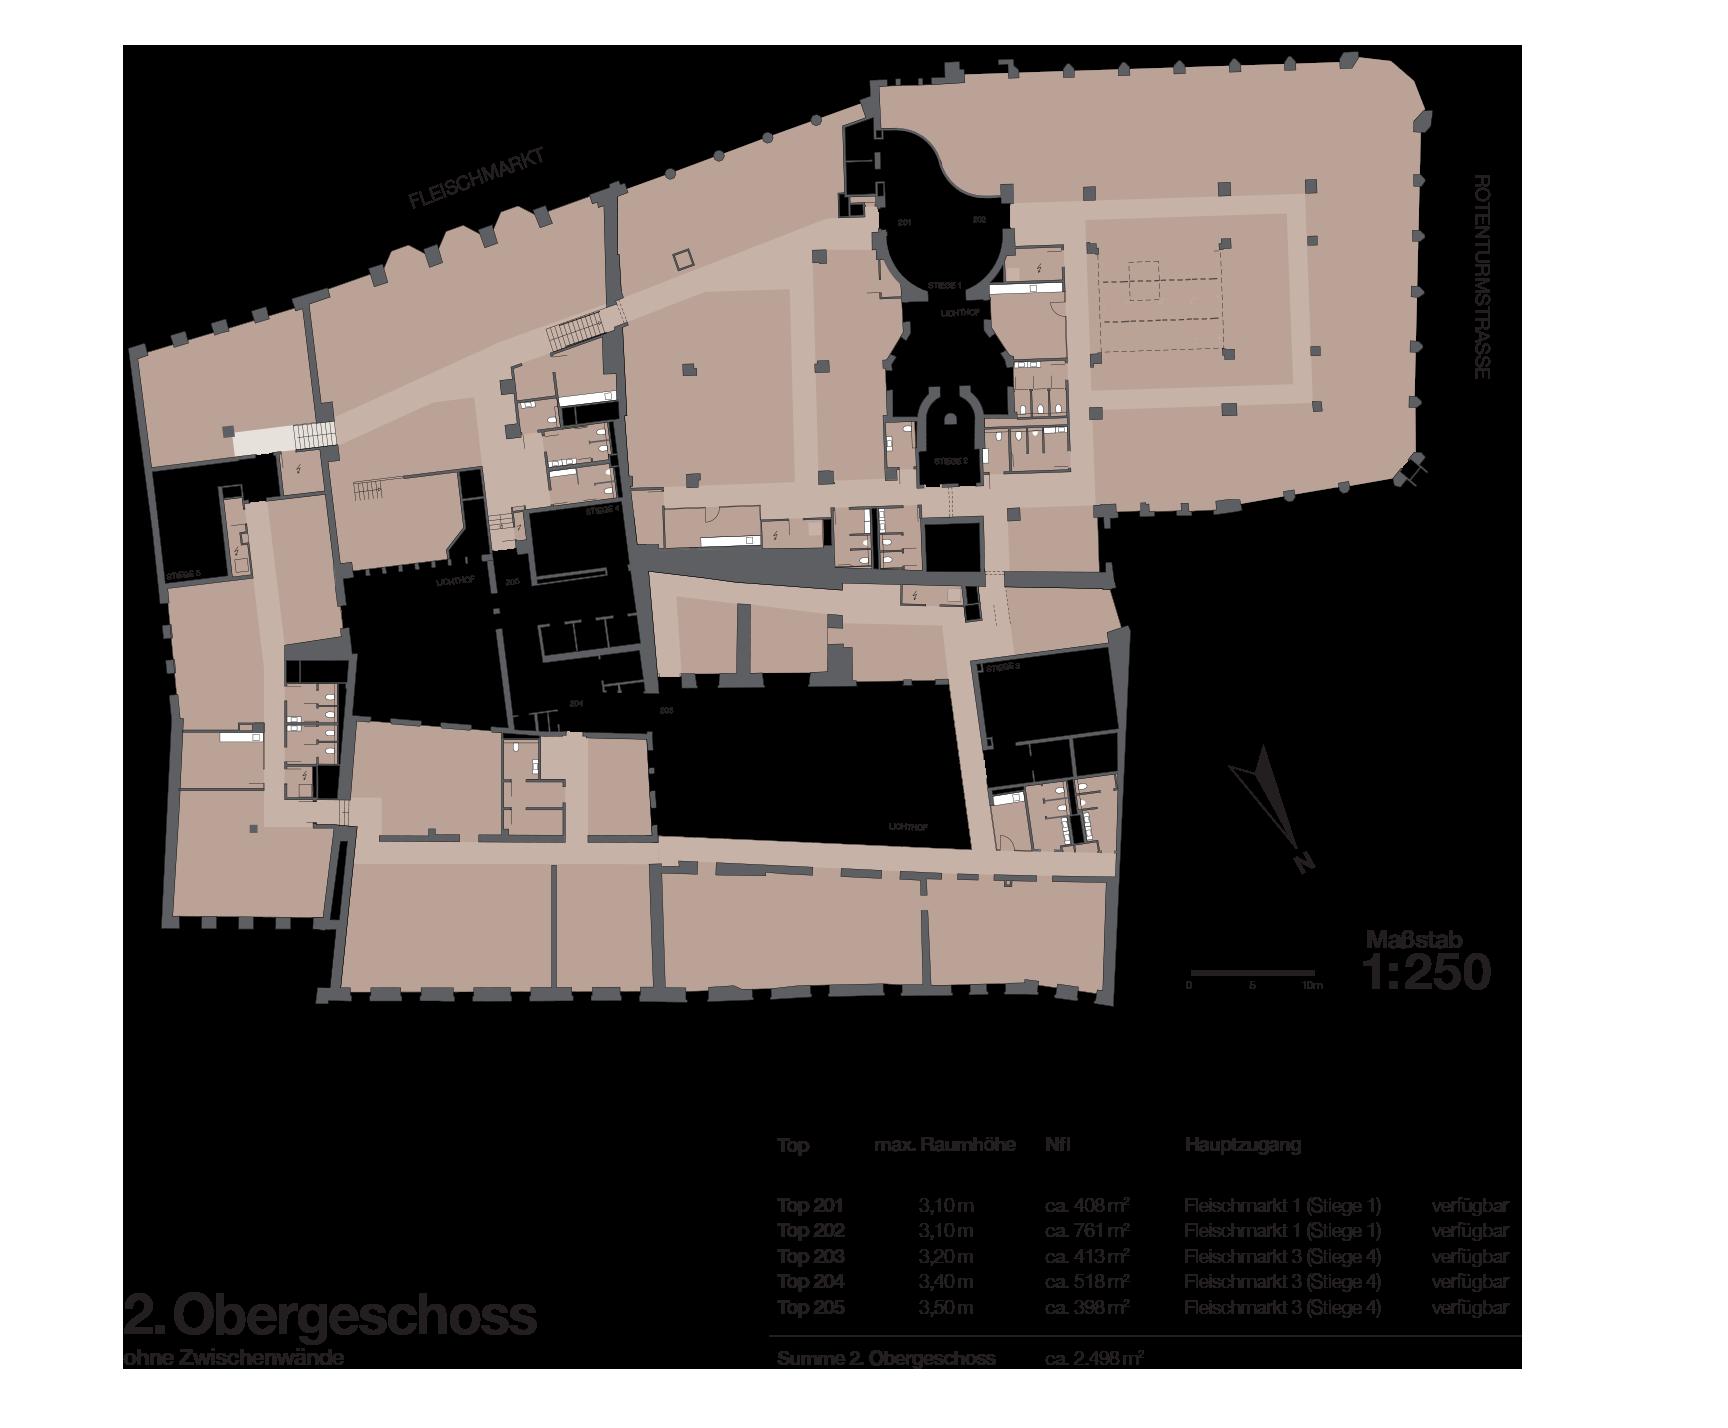 2.Obergeschoss-02.png